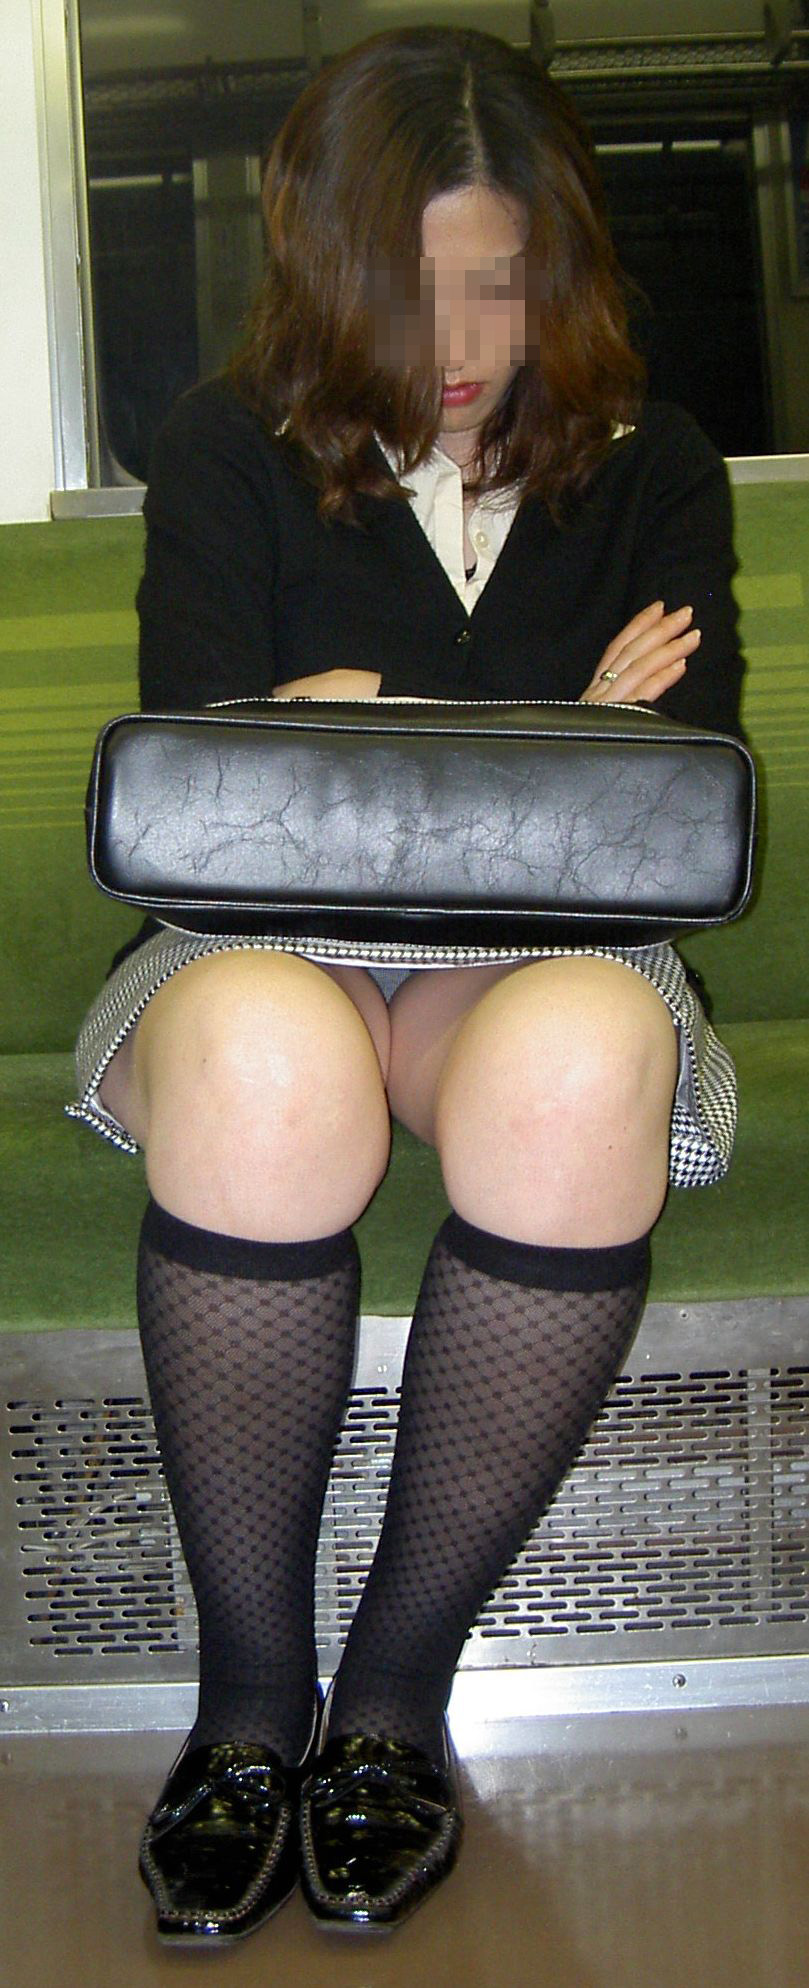 【電車内盗撮エロ画像】電車内で狙った素人娘たちのパンチラや胸チラwww 29